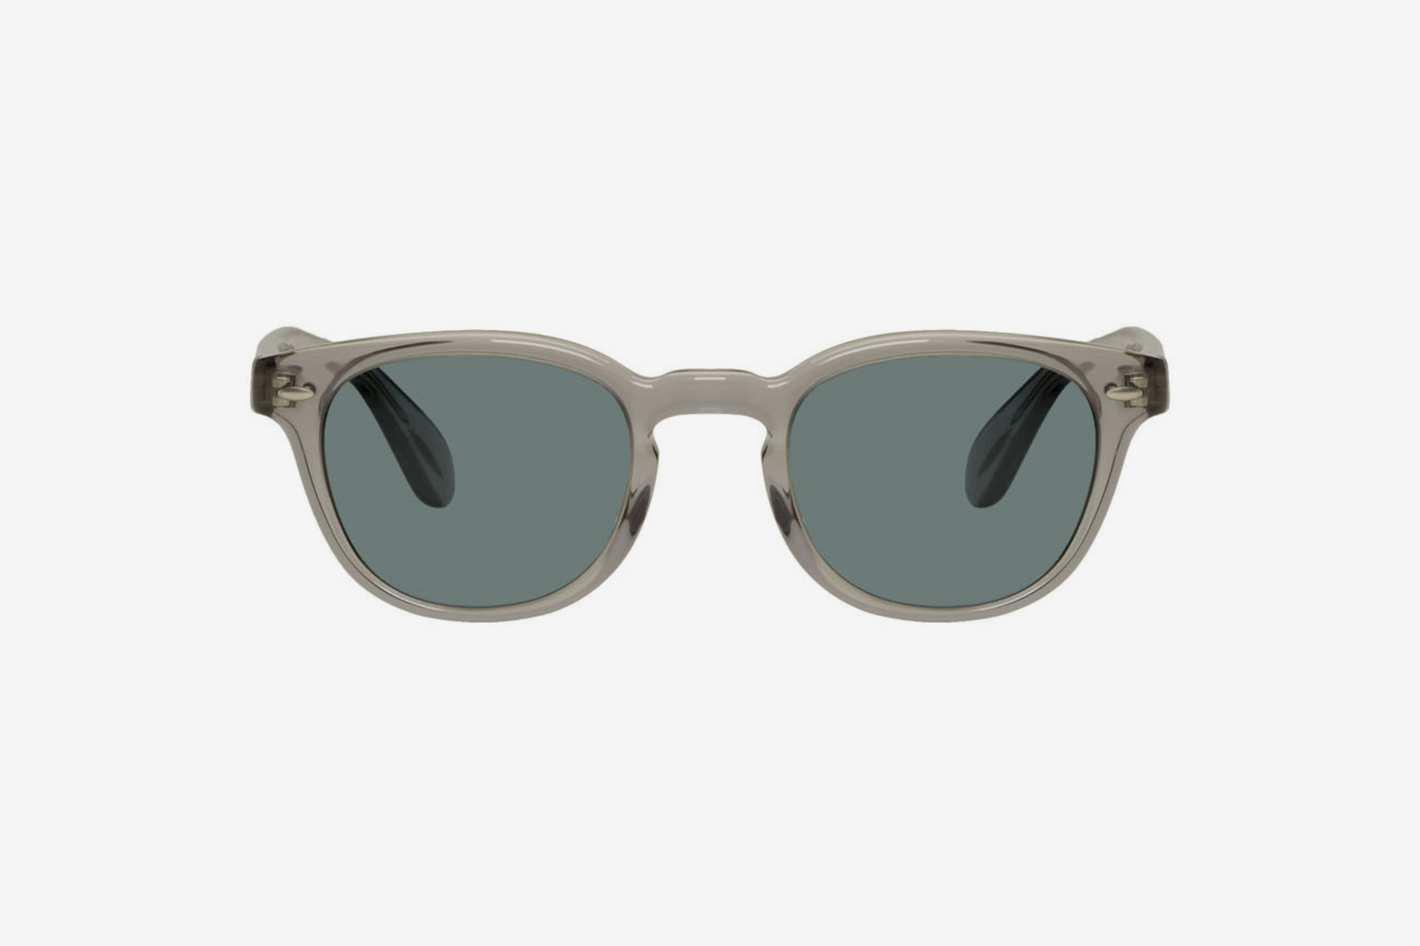 Oliver Peoples Grey Sheldrake Sunglasses